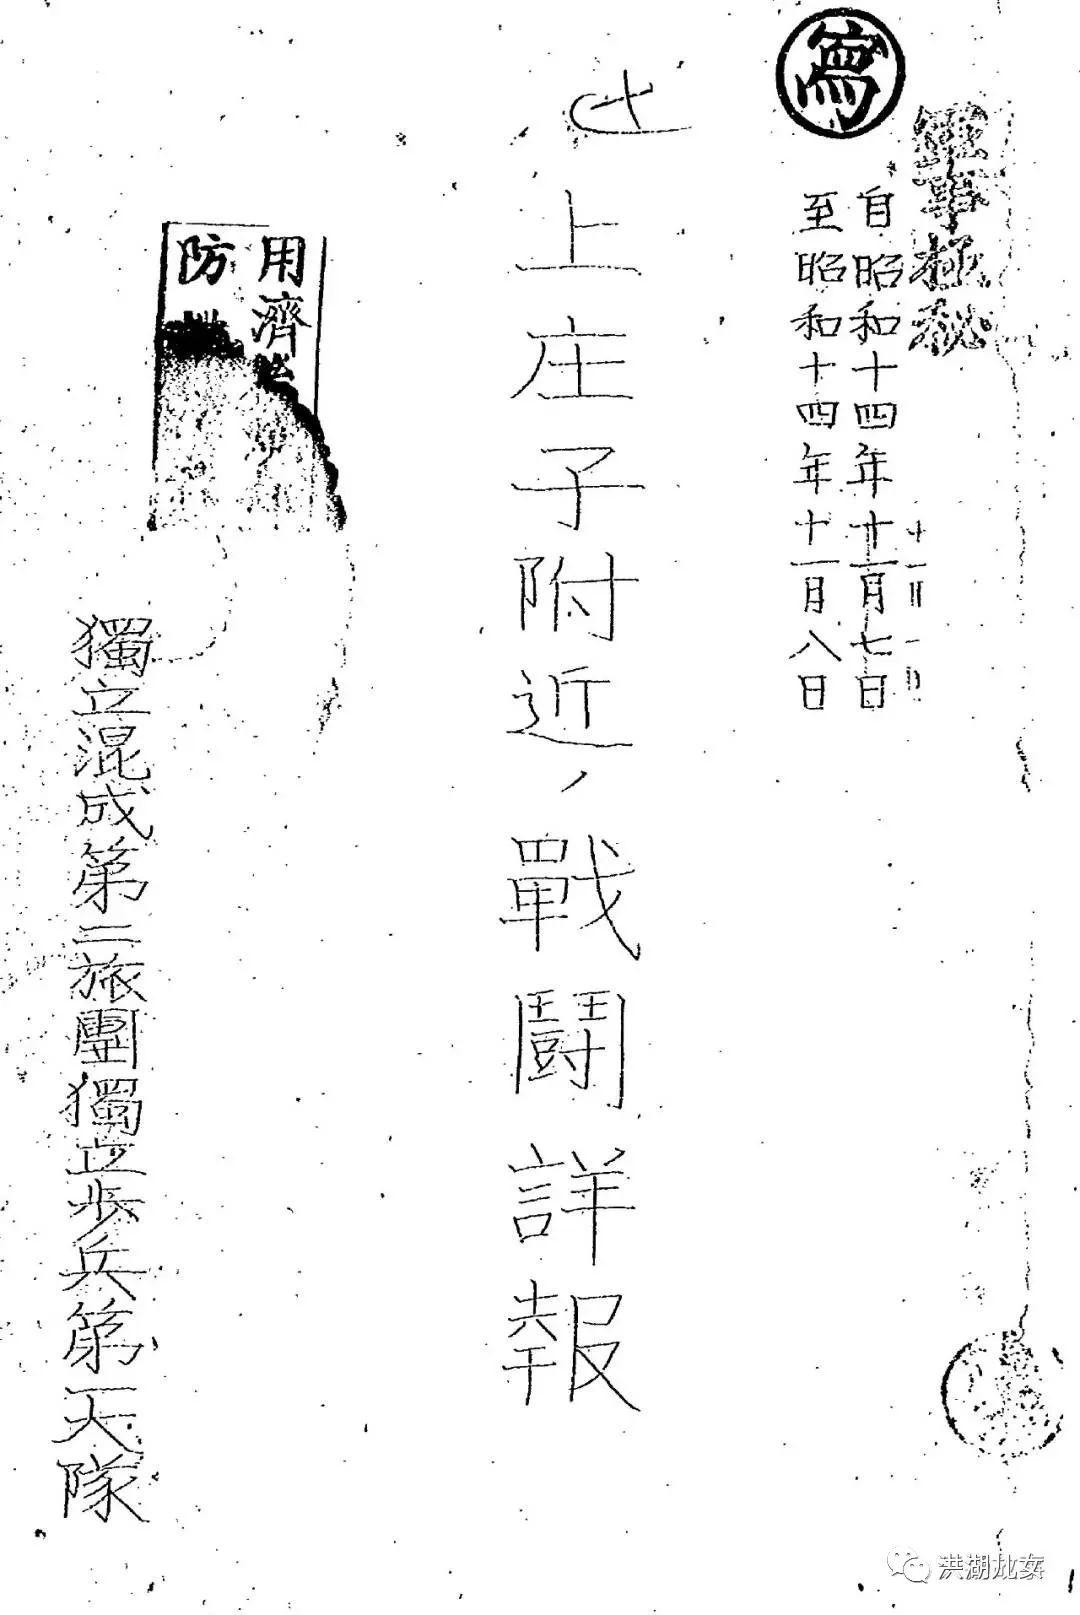 聂荣臻还是贺龙部 哪支八路军击毙日本中将阿部规秀